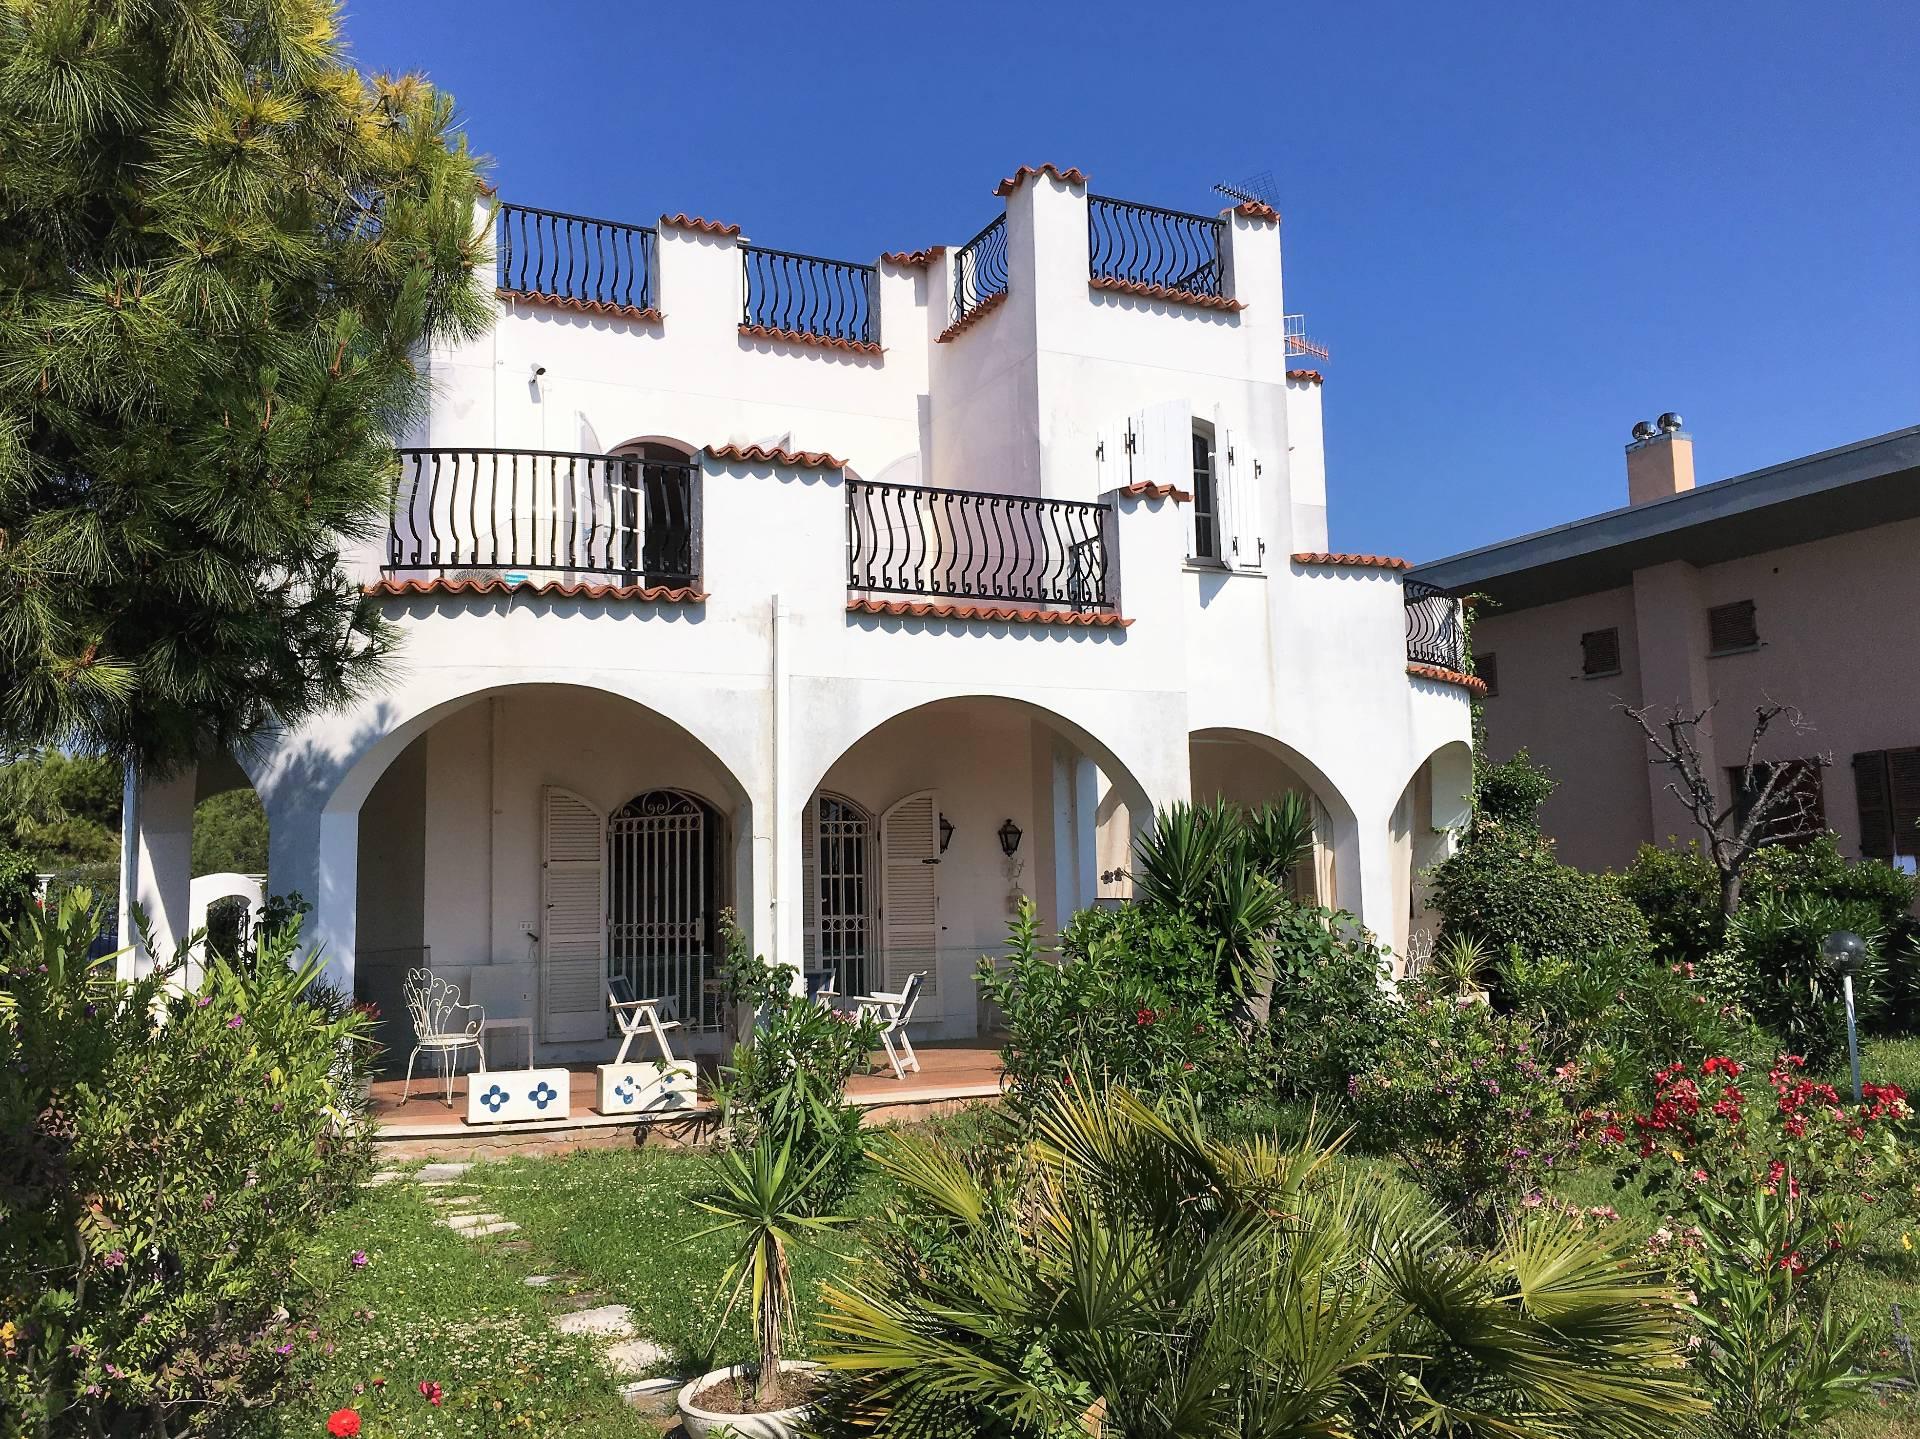 Villa in vendita a San Benedetto del Tronto, 5 locali, prezzo € 650.000 | CambioCasa.it